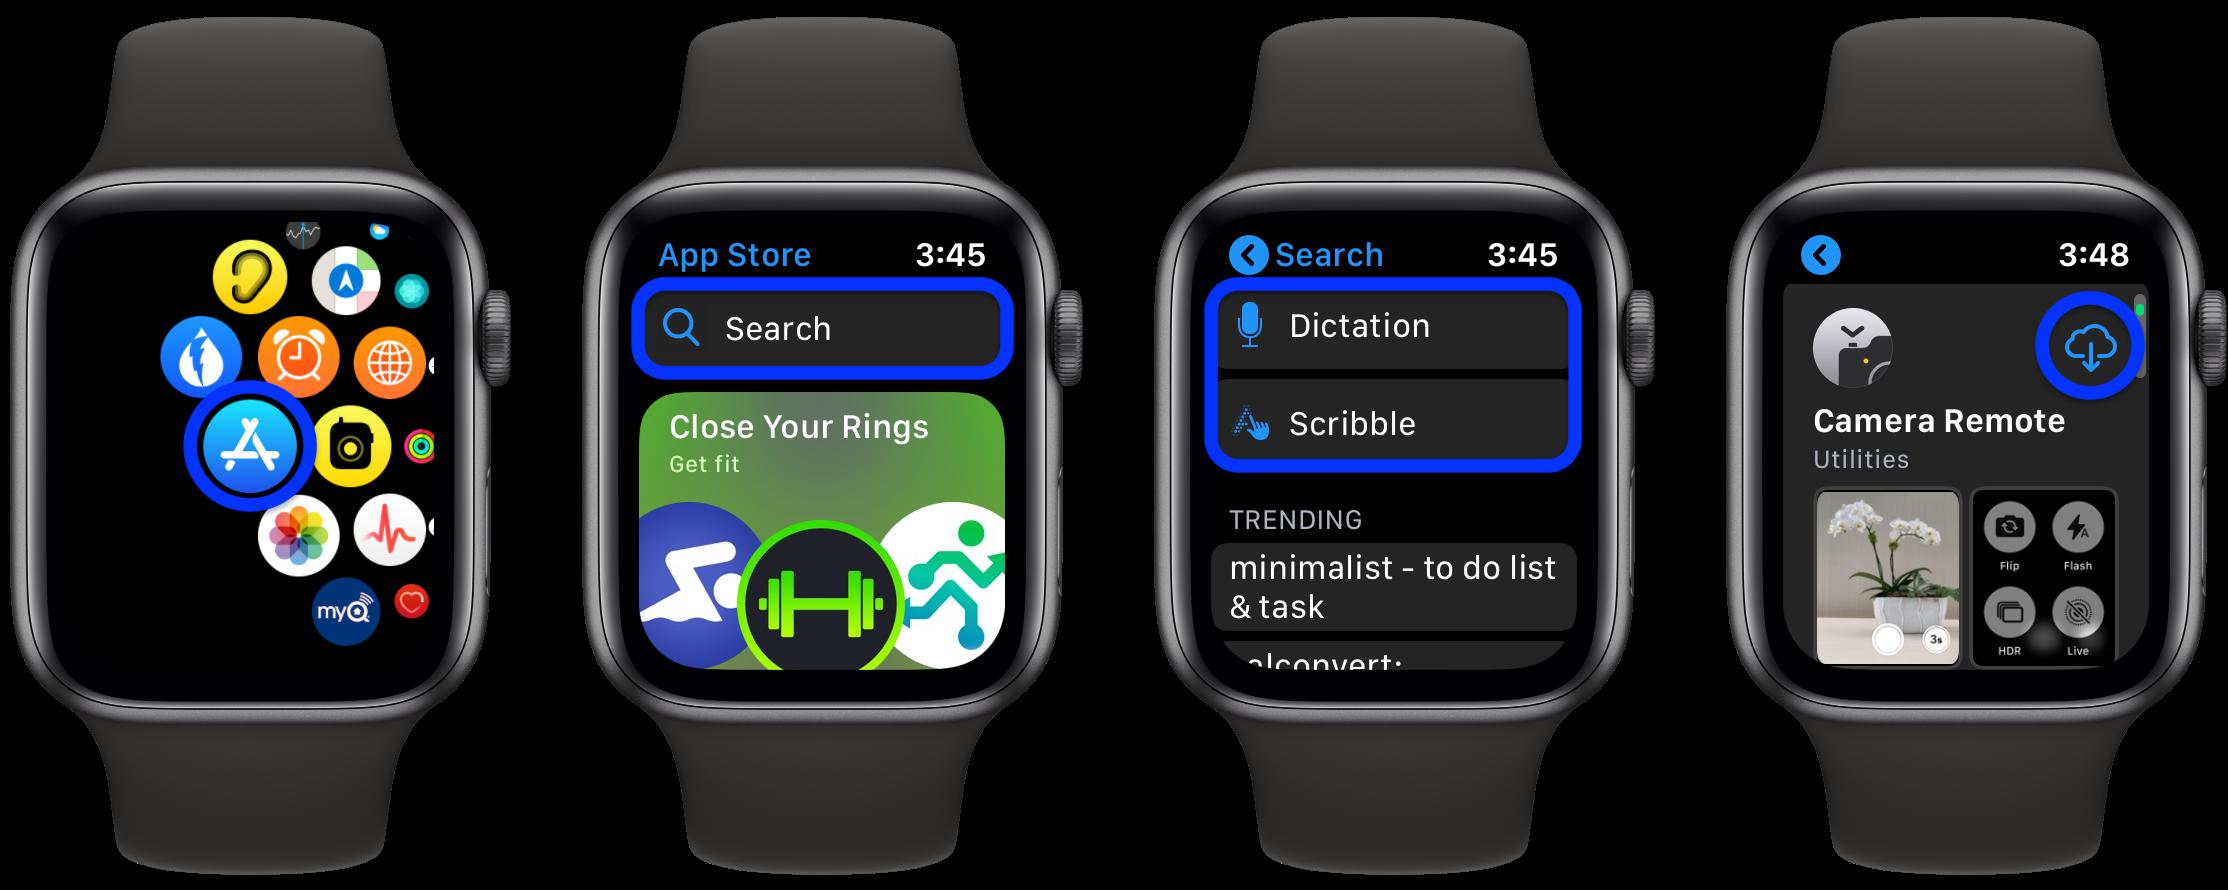 watchOS 6:如何重新安装已删除的 Apple Watch 内置应用?